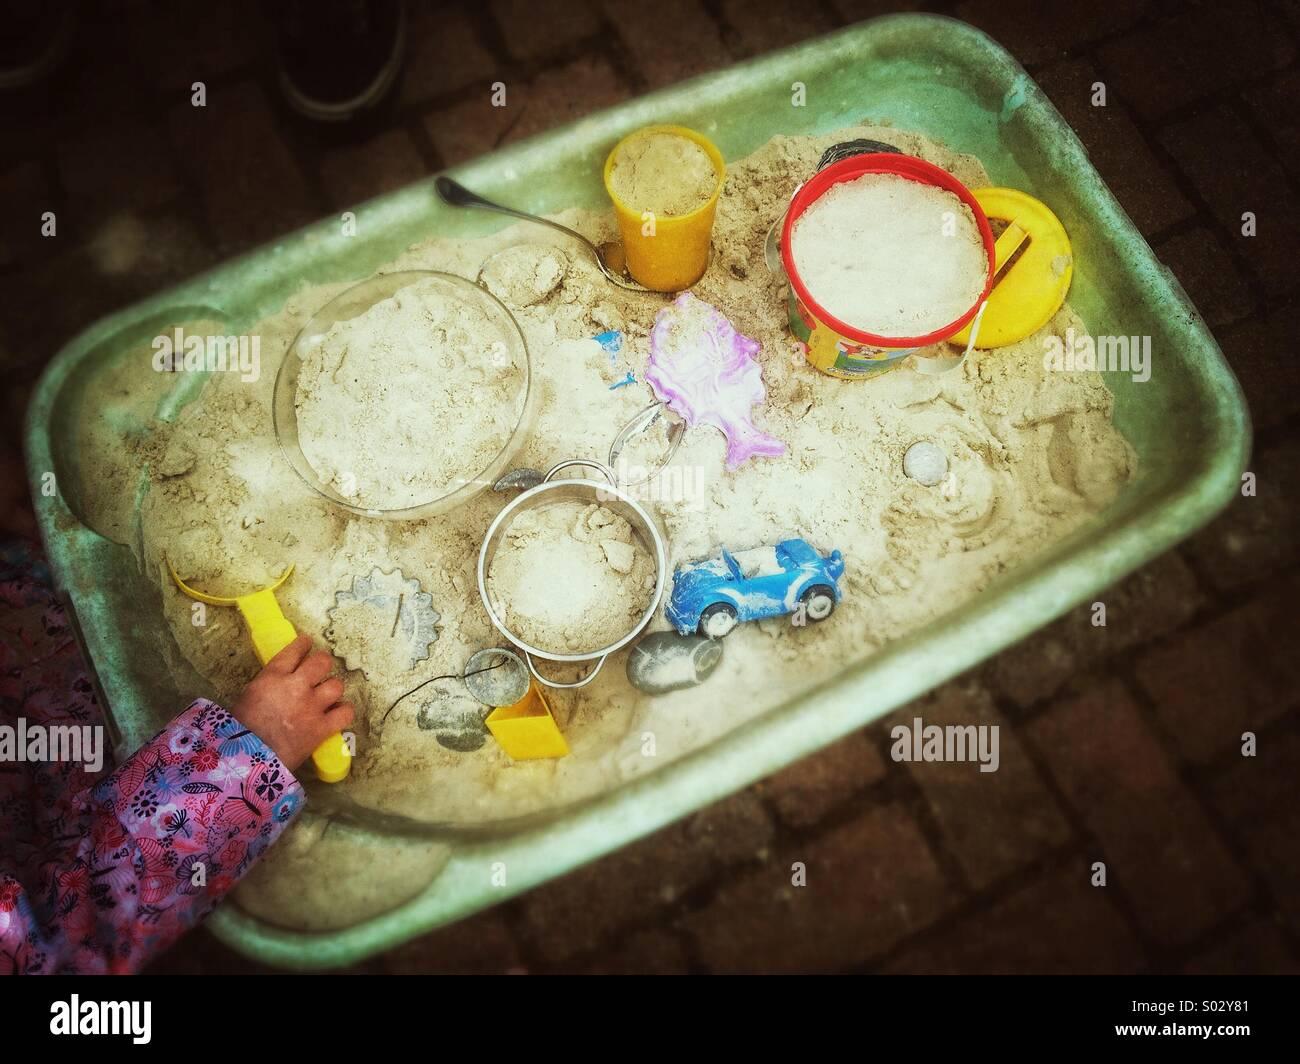 Buca di sabbia, bambino la mano di plastica di contenimento vanga, giocattoli di sabbia Immagini Stock